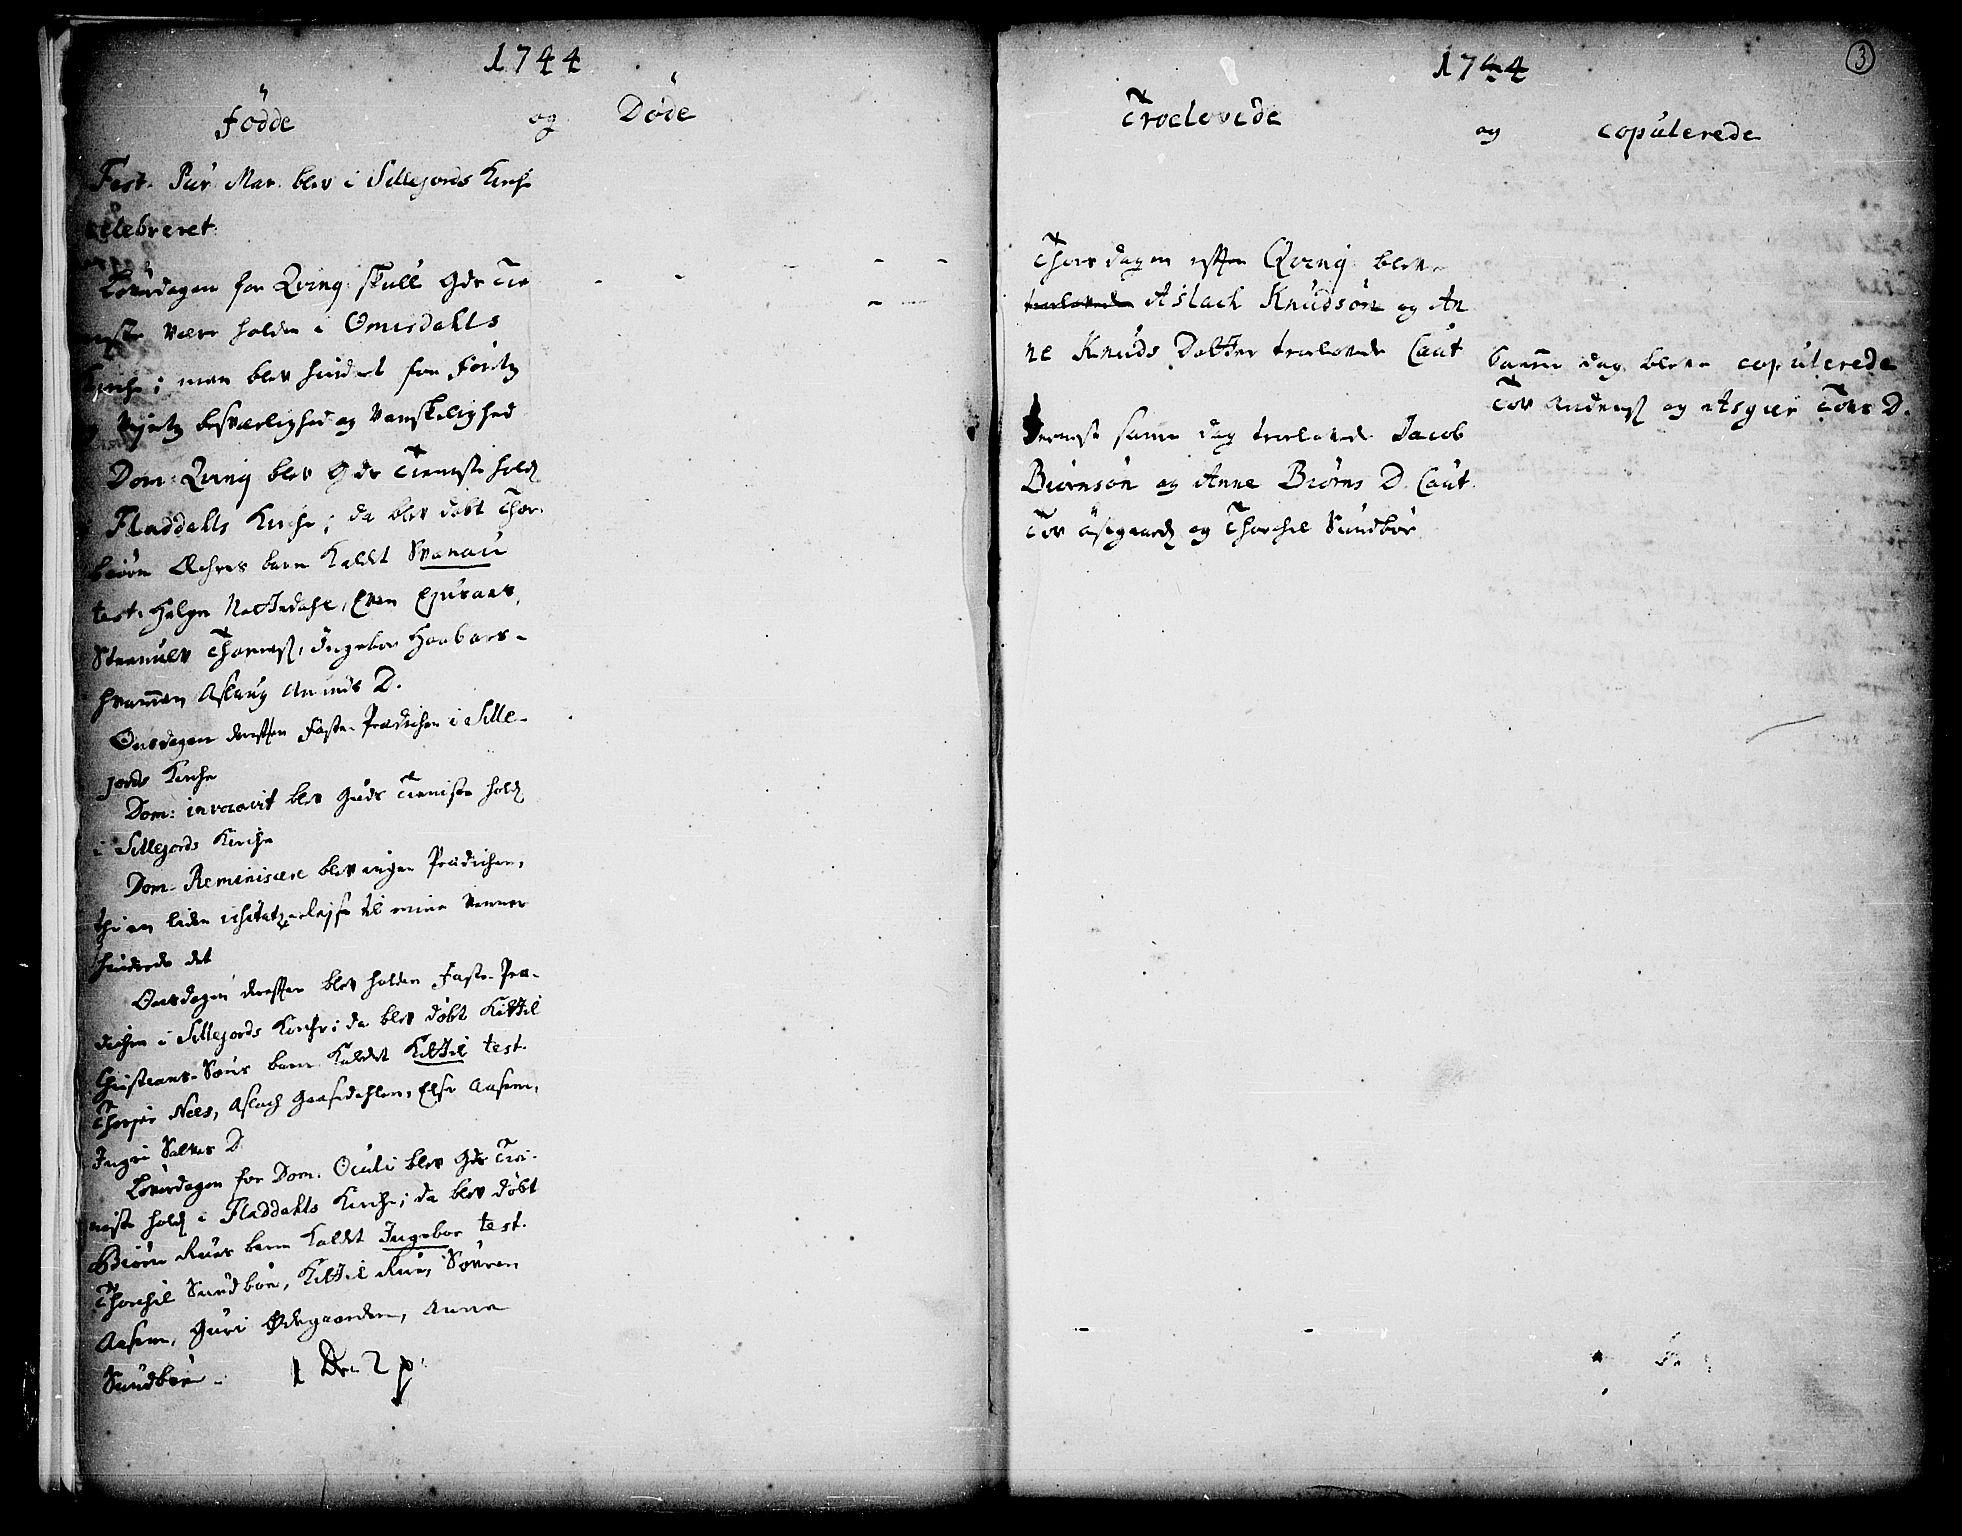 SAKO, Seljord kirkebøker, F/Fa/L0006: Ministerialbok nr. I 6, 1744-1755, s. 3